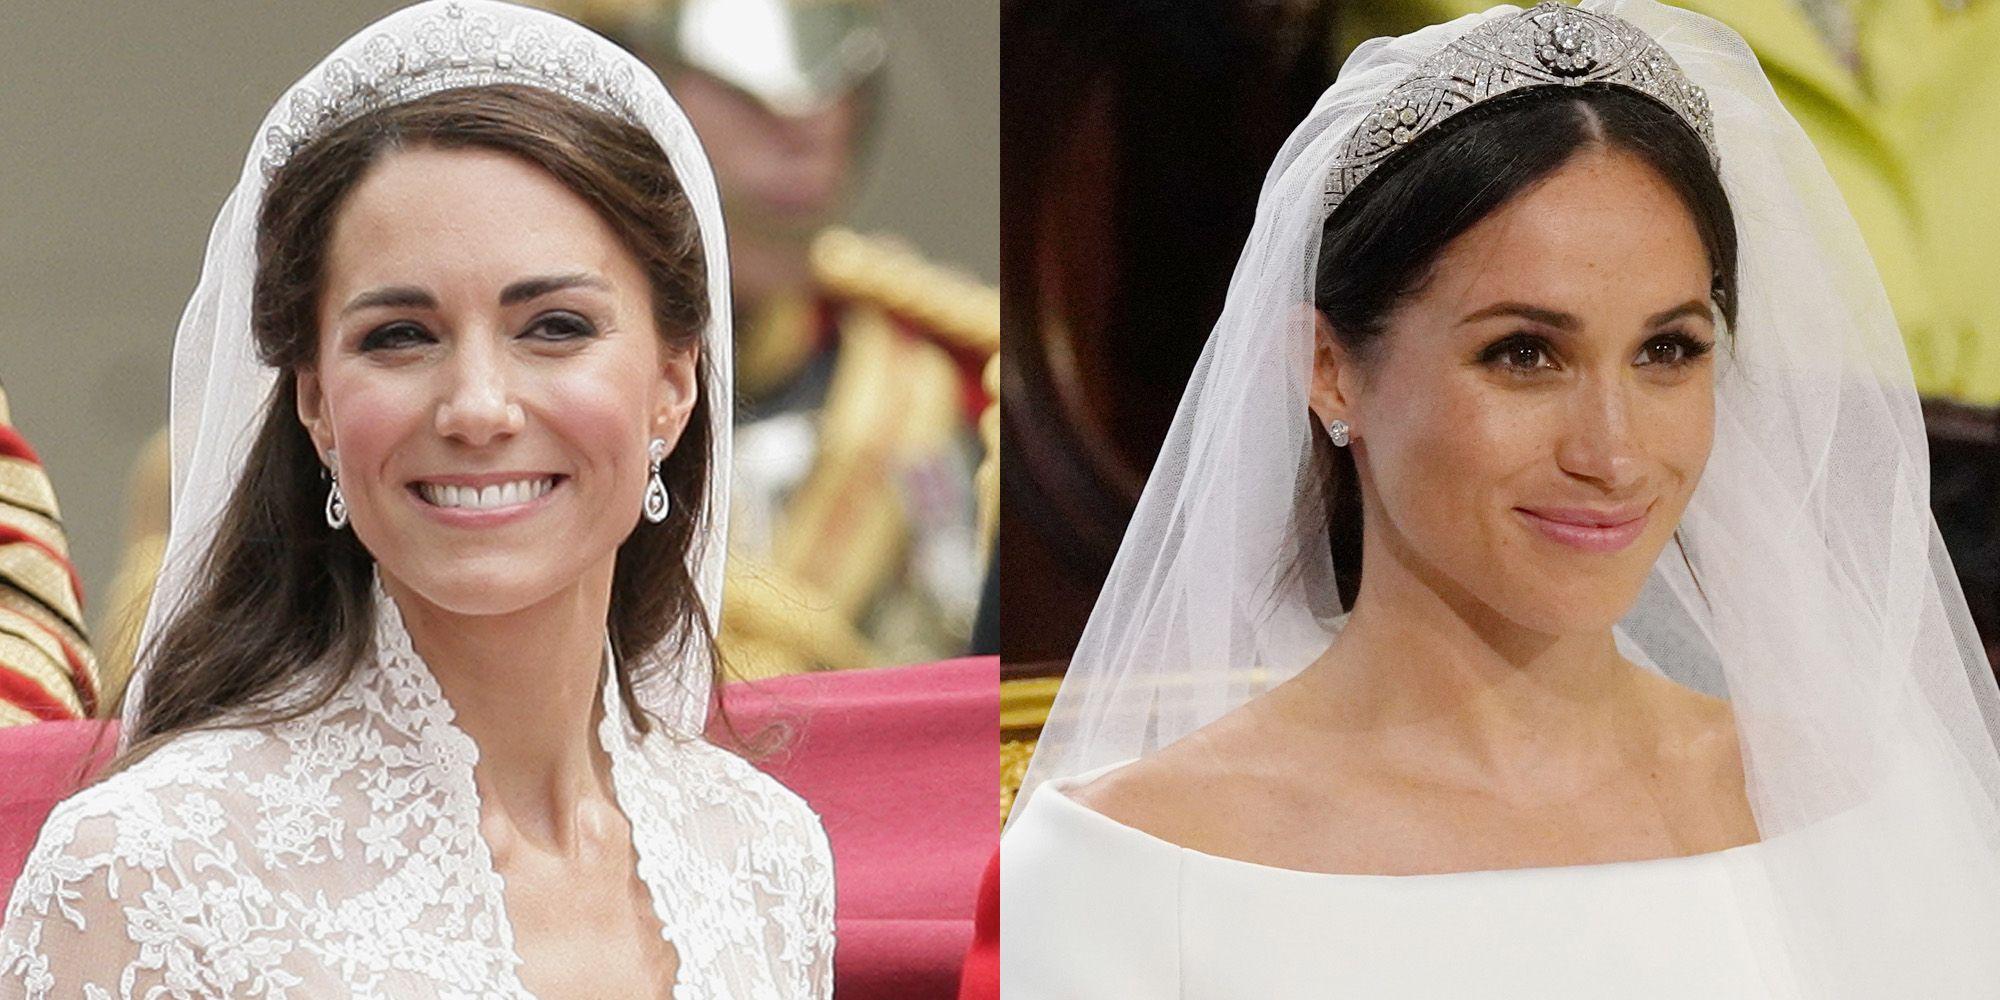 meghan markle s royal wedding makeup and kate middleton s wedding makeup compared meghan markle s royal wedding makeup